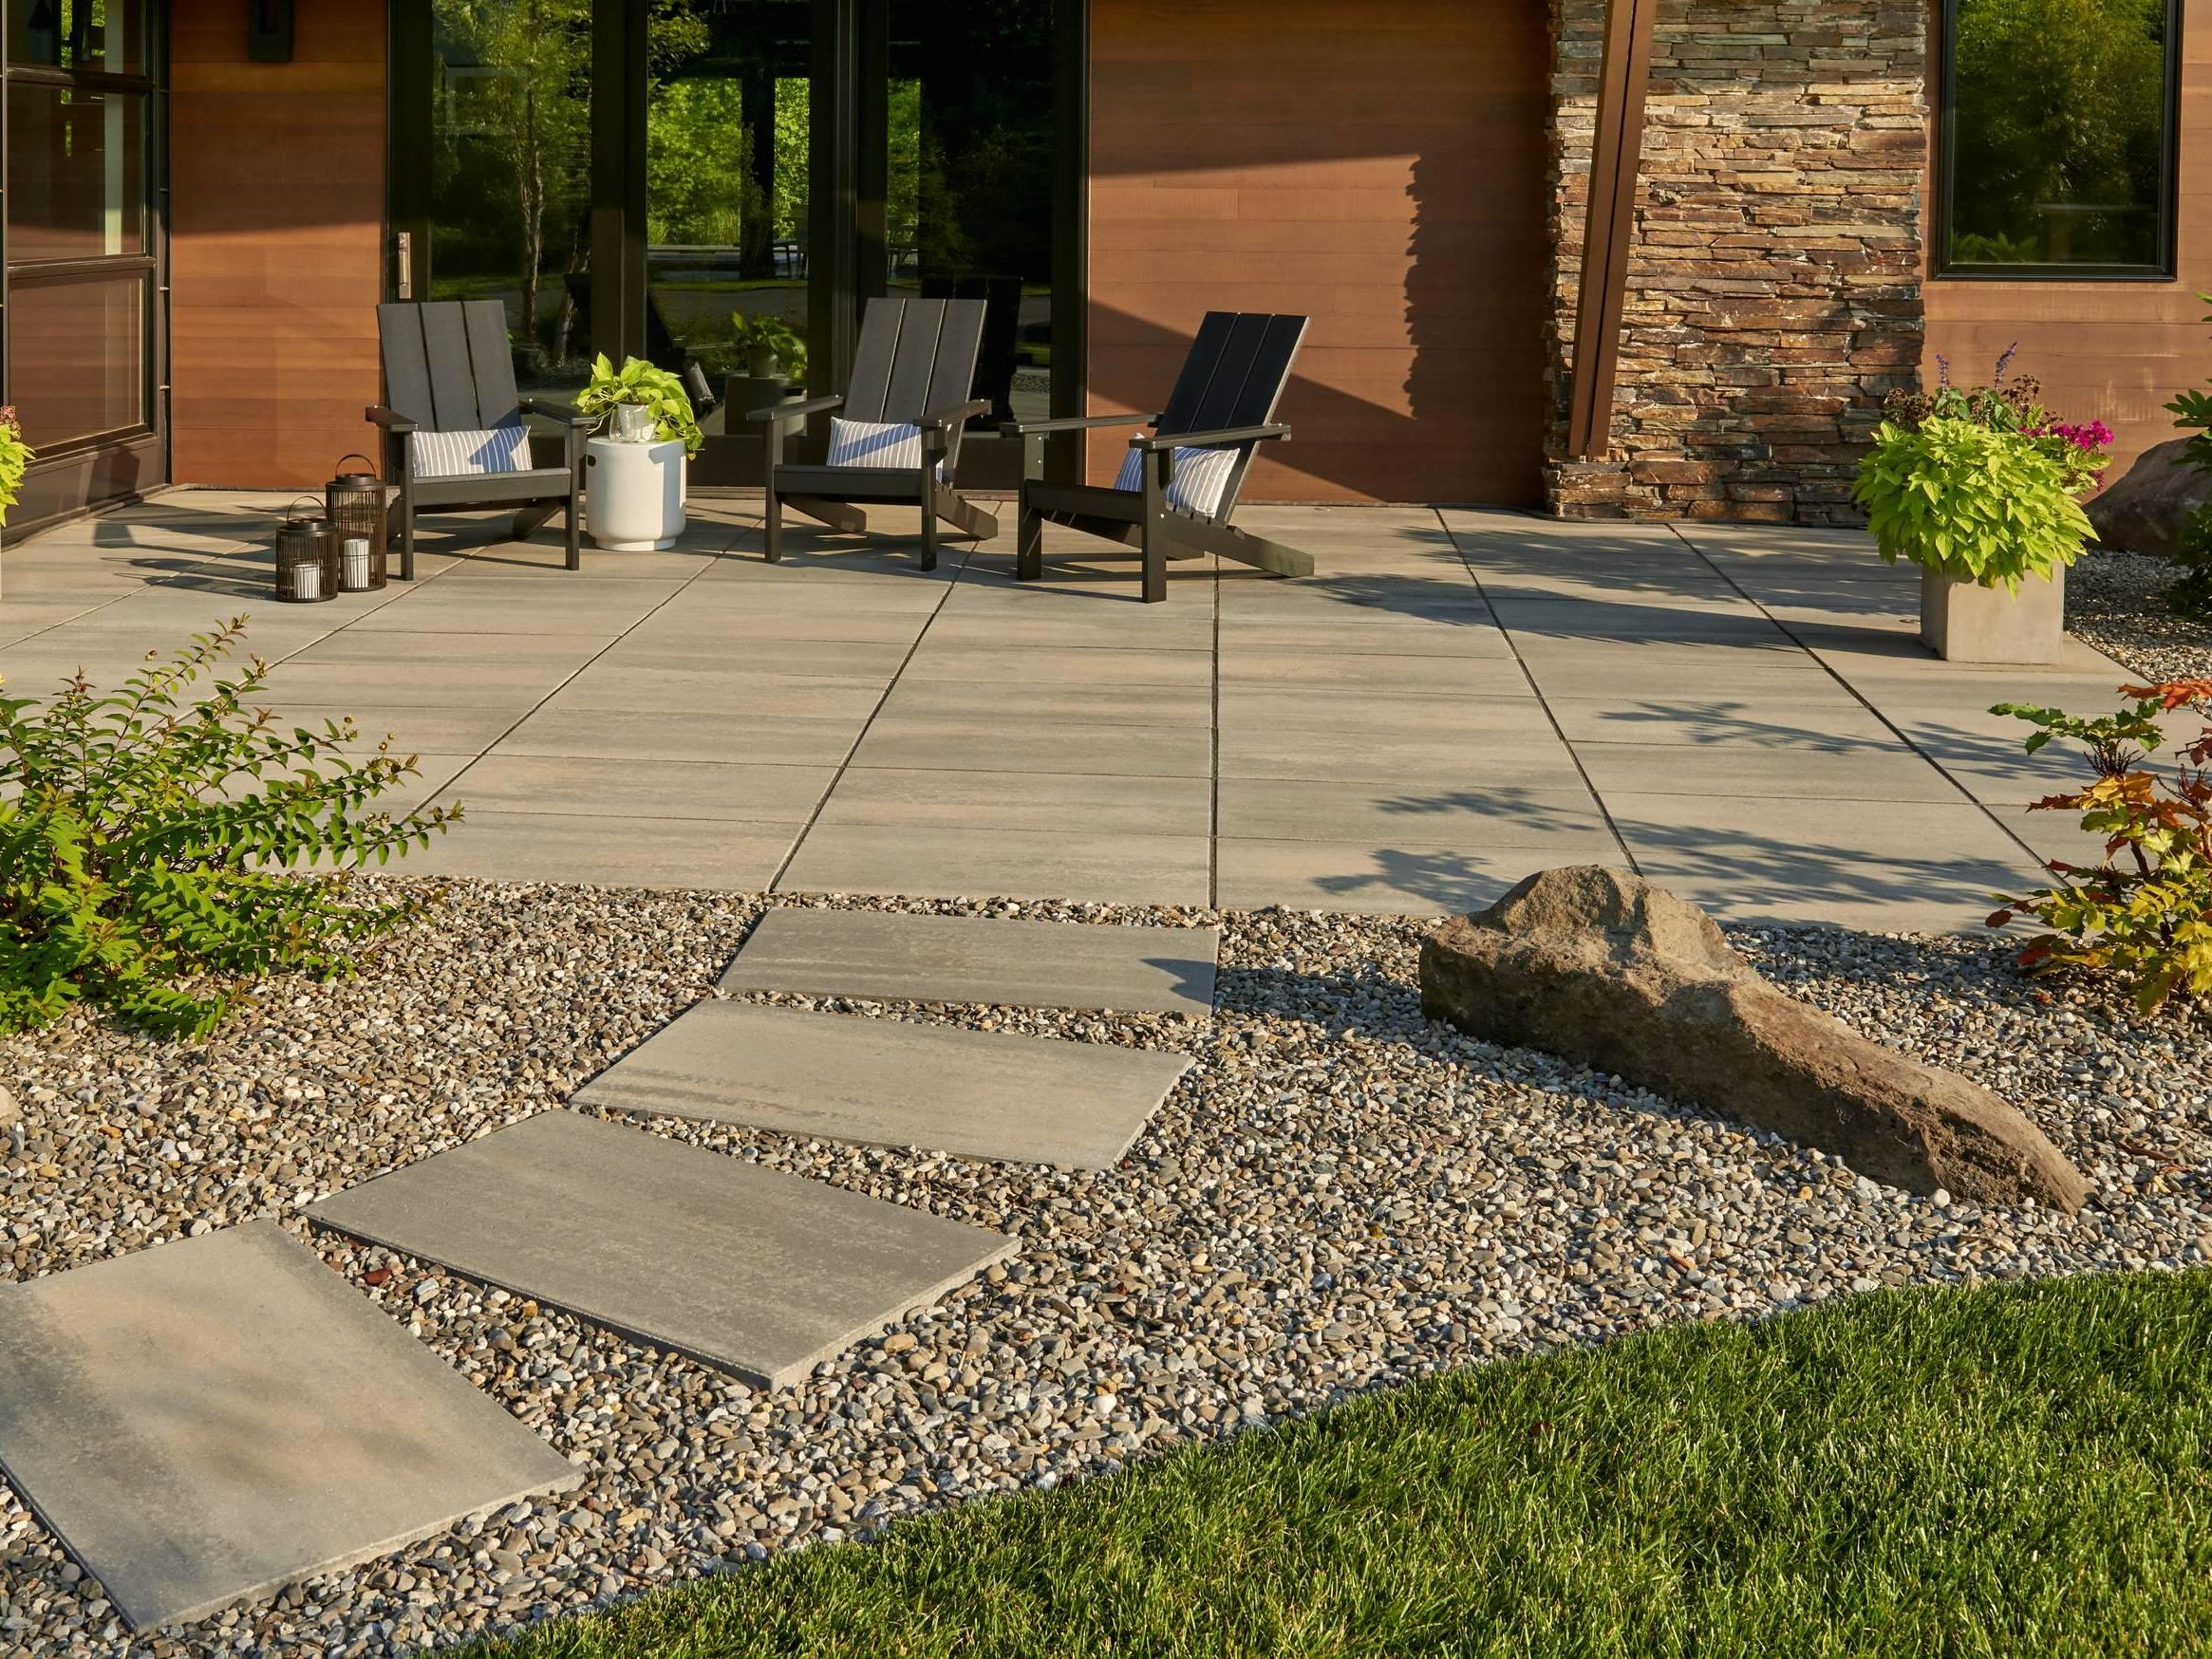 Thiết kế sân vườn phong cách hiện đại